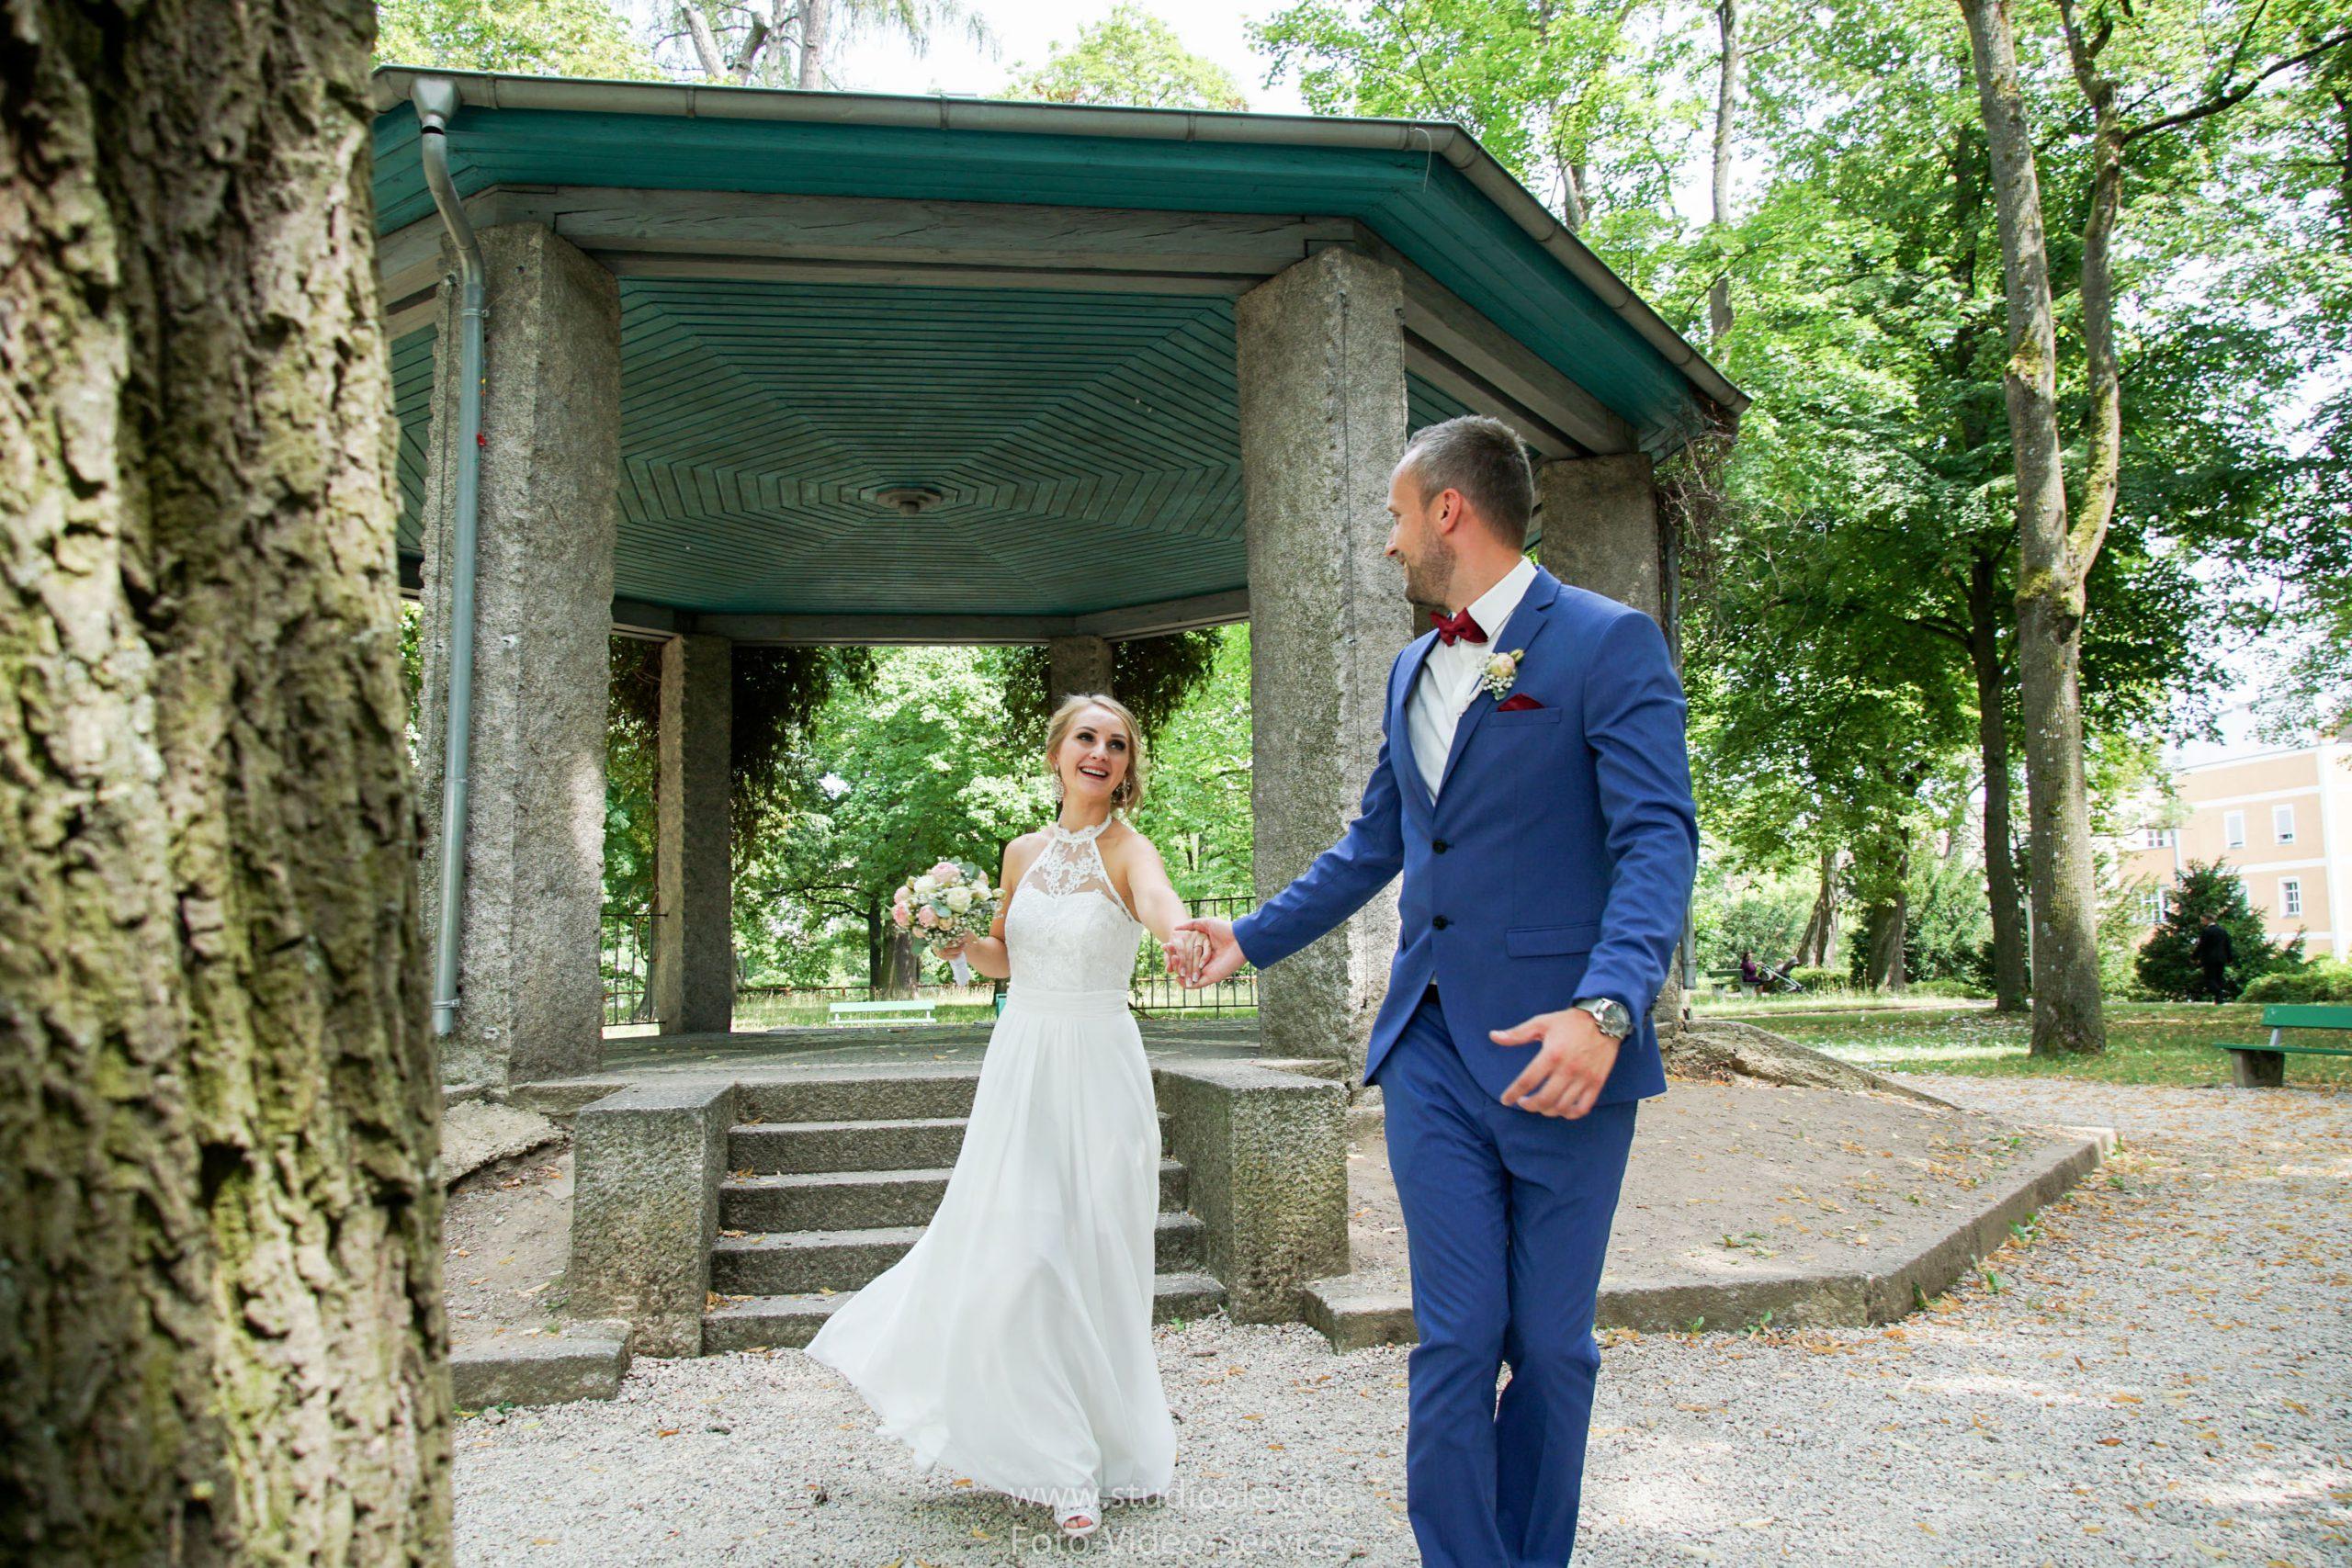 Hochzeitsfotograf-Amberg-Fotograf-für-standesamtliche-Trauung-im-Kümmersbruck.-Hochzeitsfotos-Bayern-07339-scaled.jpg